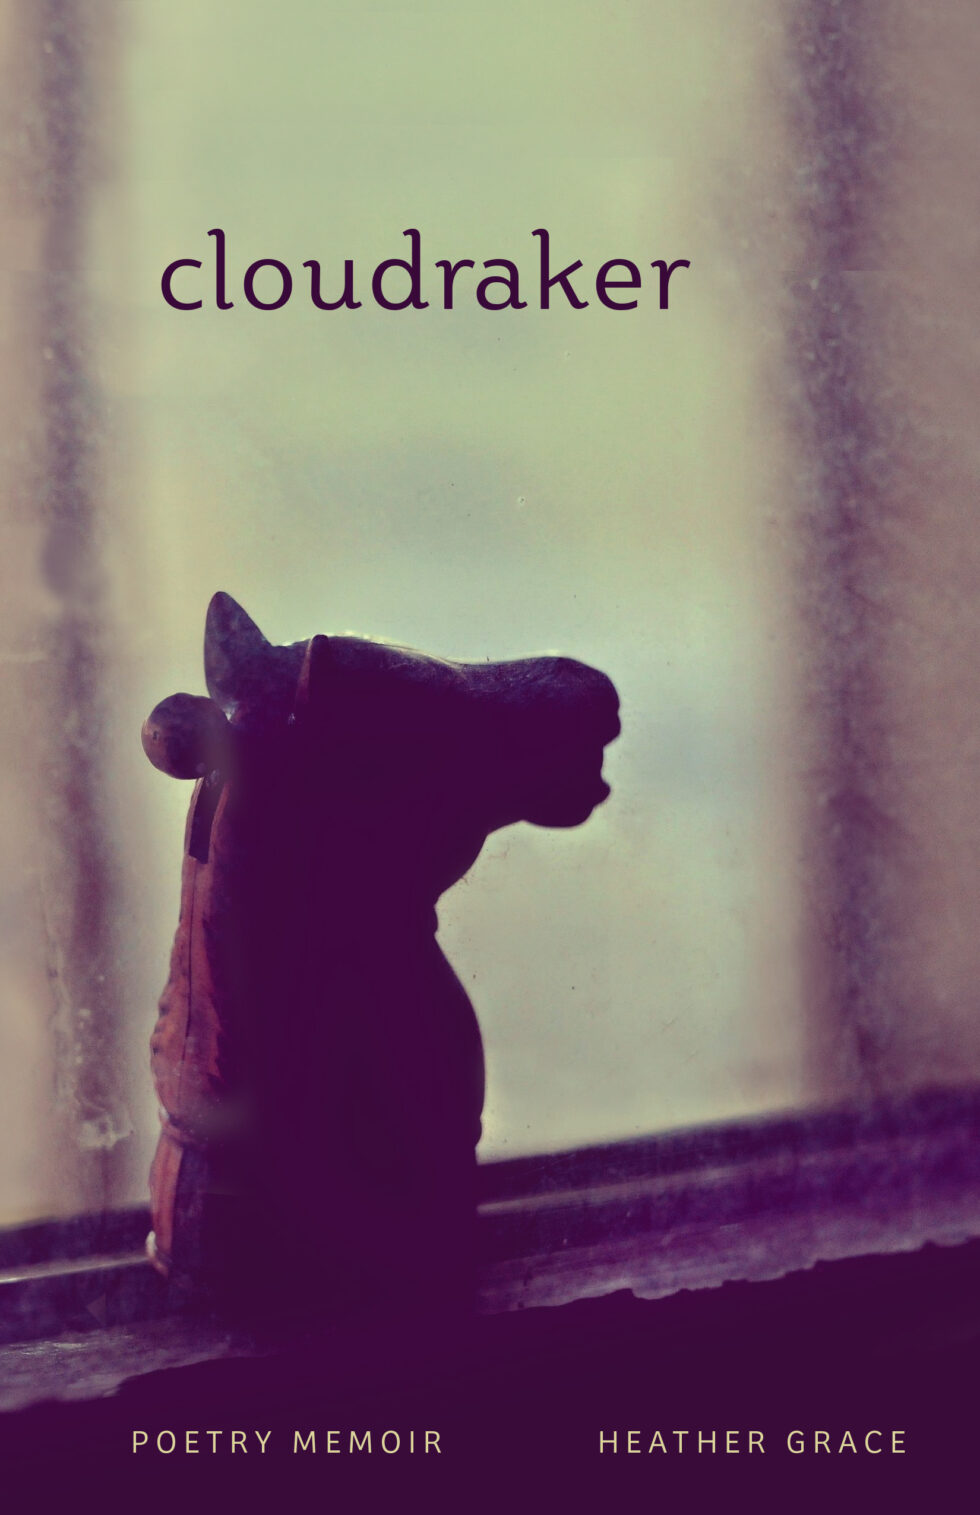 Cloudraker